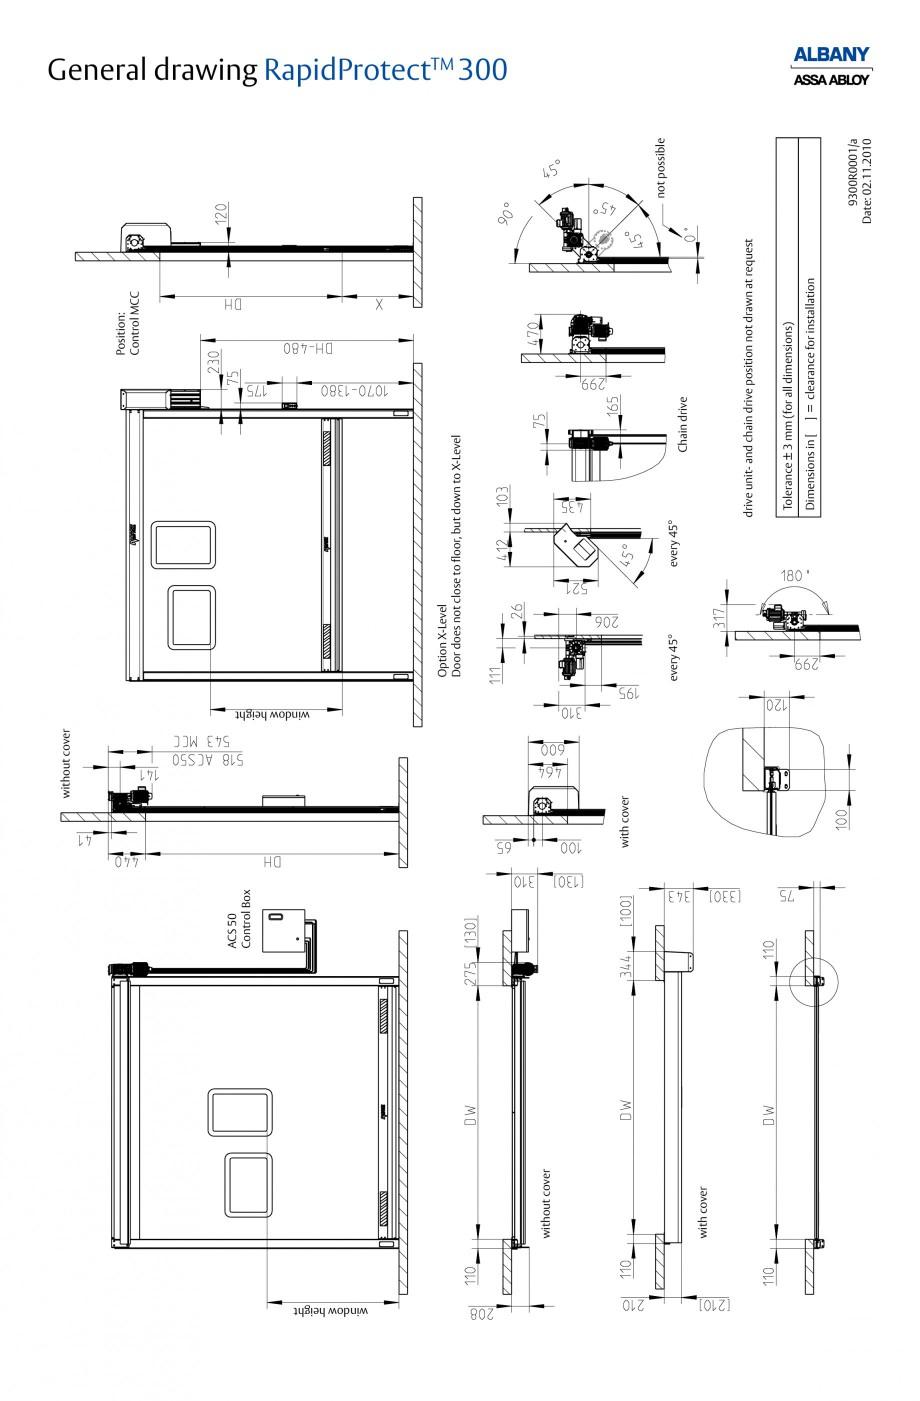 Pagina 5 - Usa industriala de inalta performanta ASSA ABLOY RapidProtectTM 300 Fisa tehnica Engleza ...